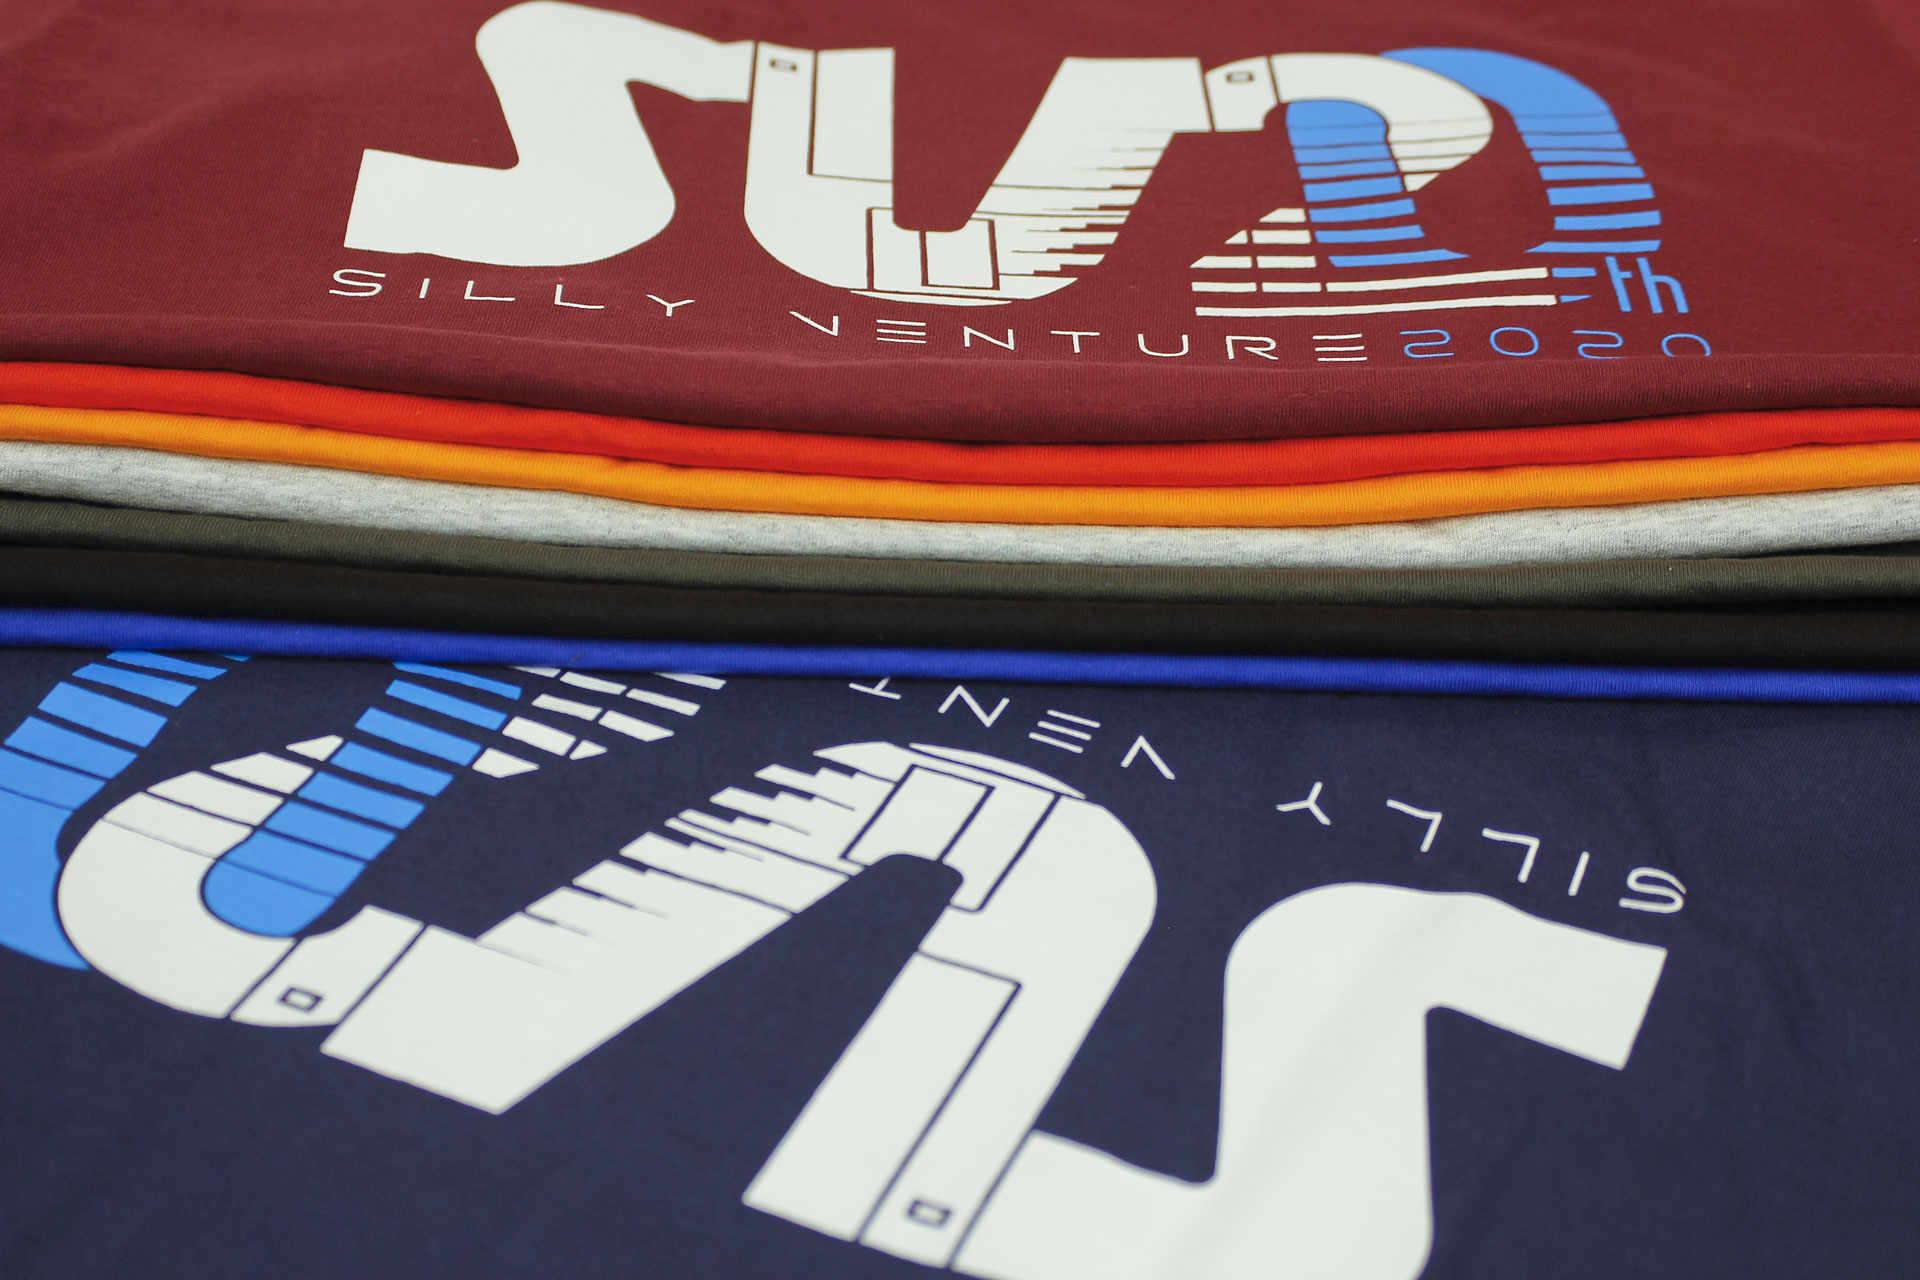 http://www.sillyventure.eu/images/news2020-2021/shirts9.jpg